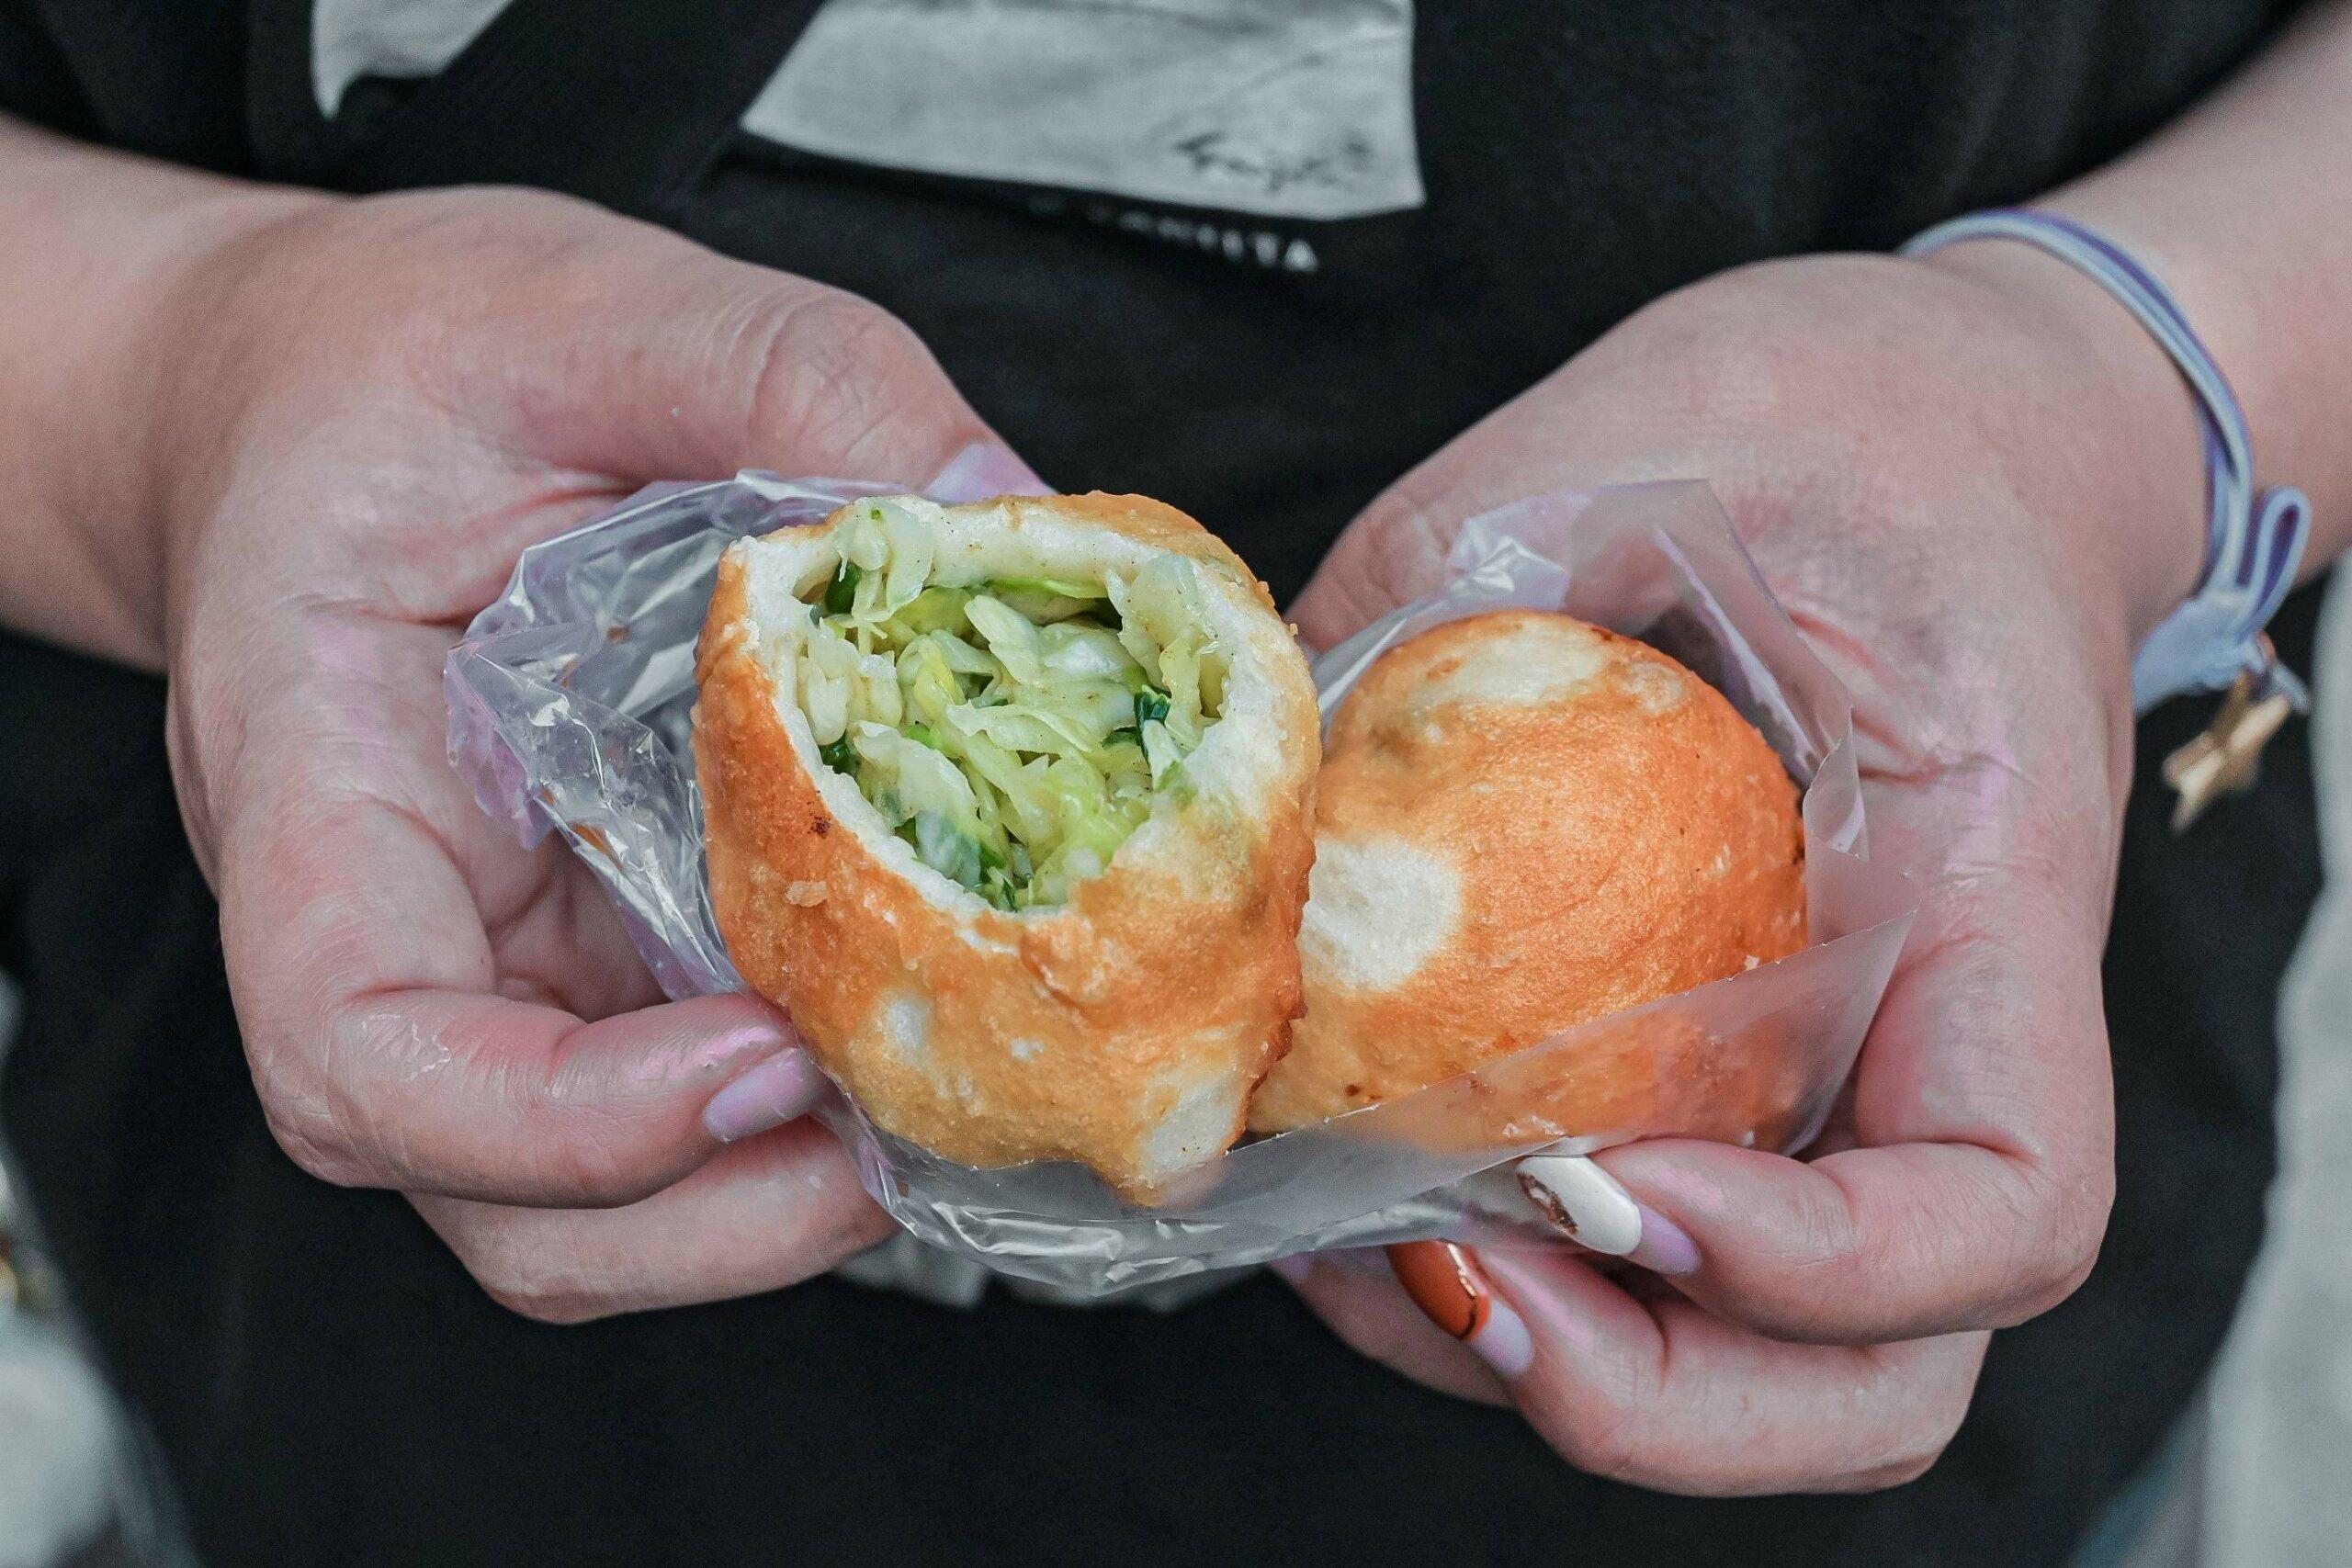 三重集美街煎包‧小籠包,一顆6元,排隊人氣小吃/台北銅板美食 @女子的休假計劃